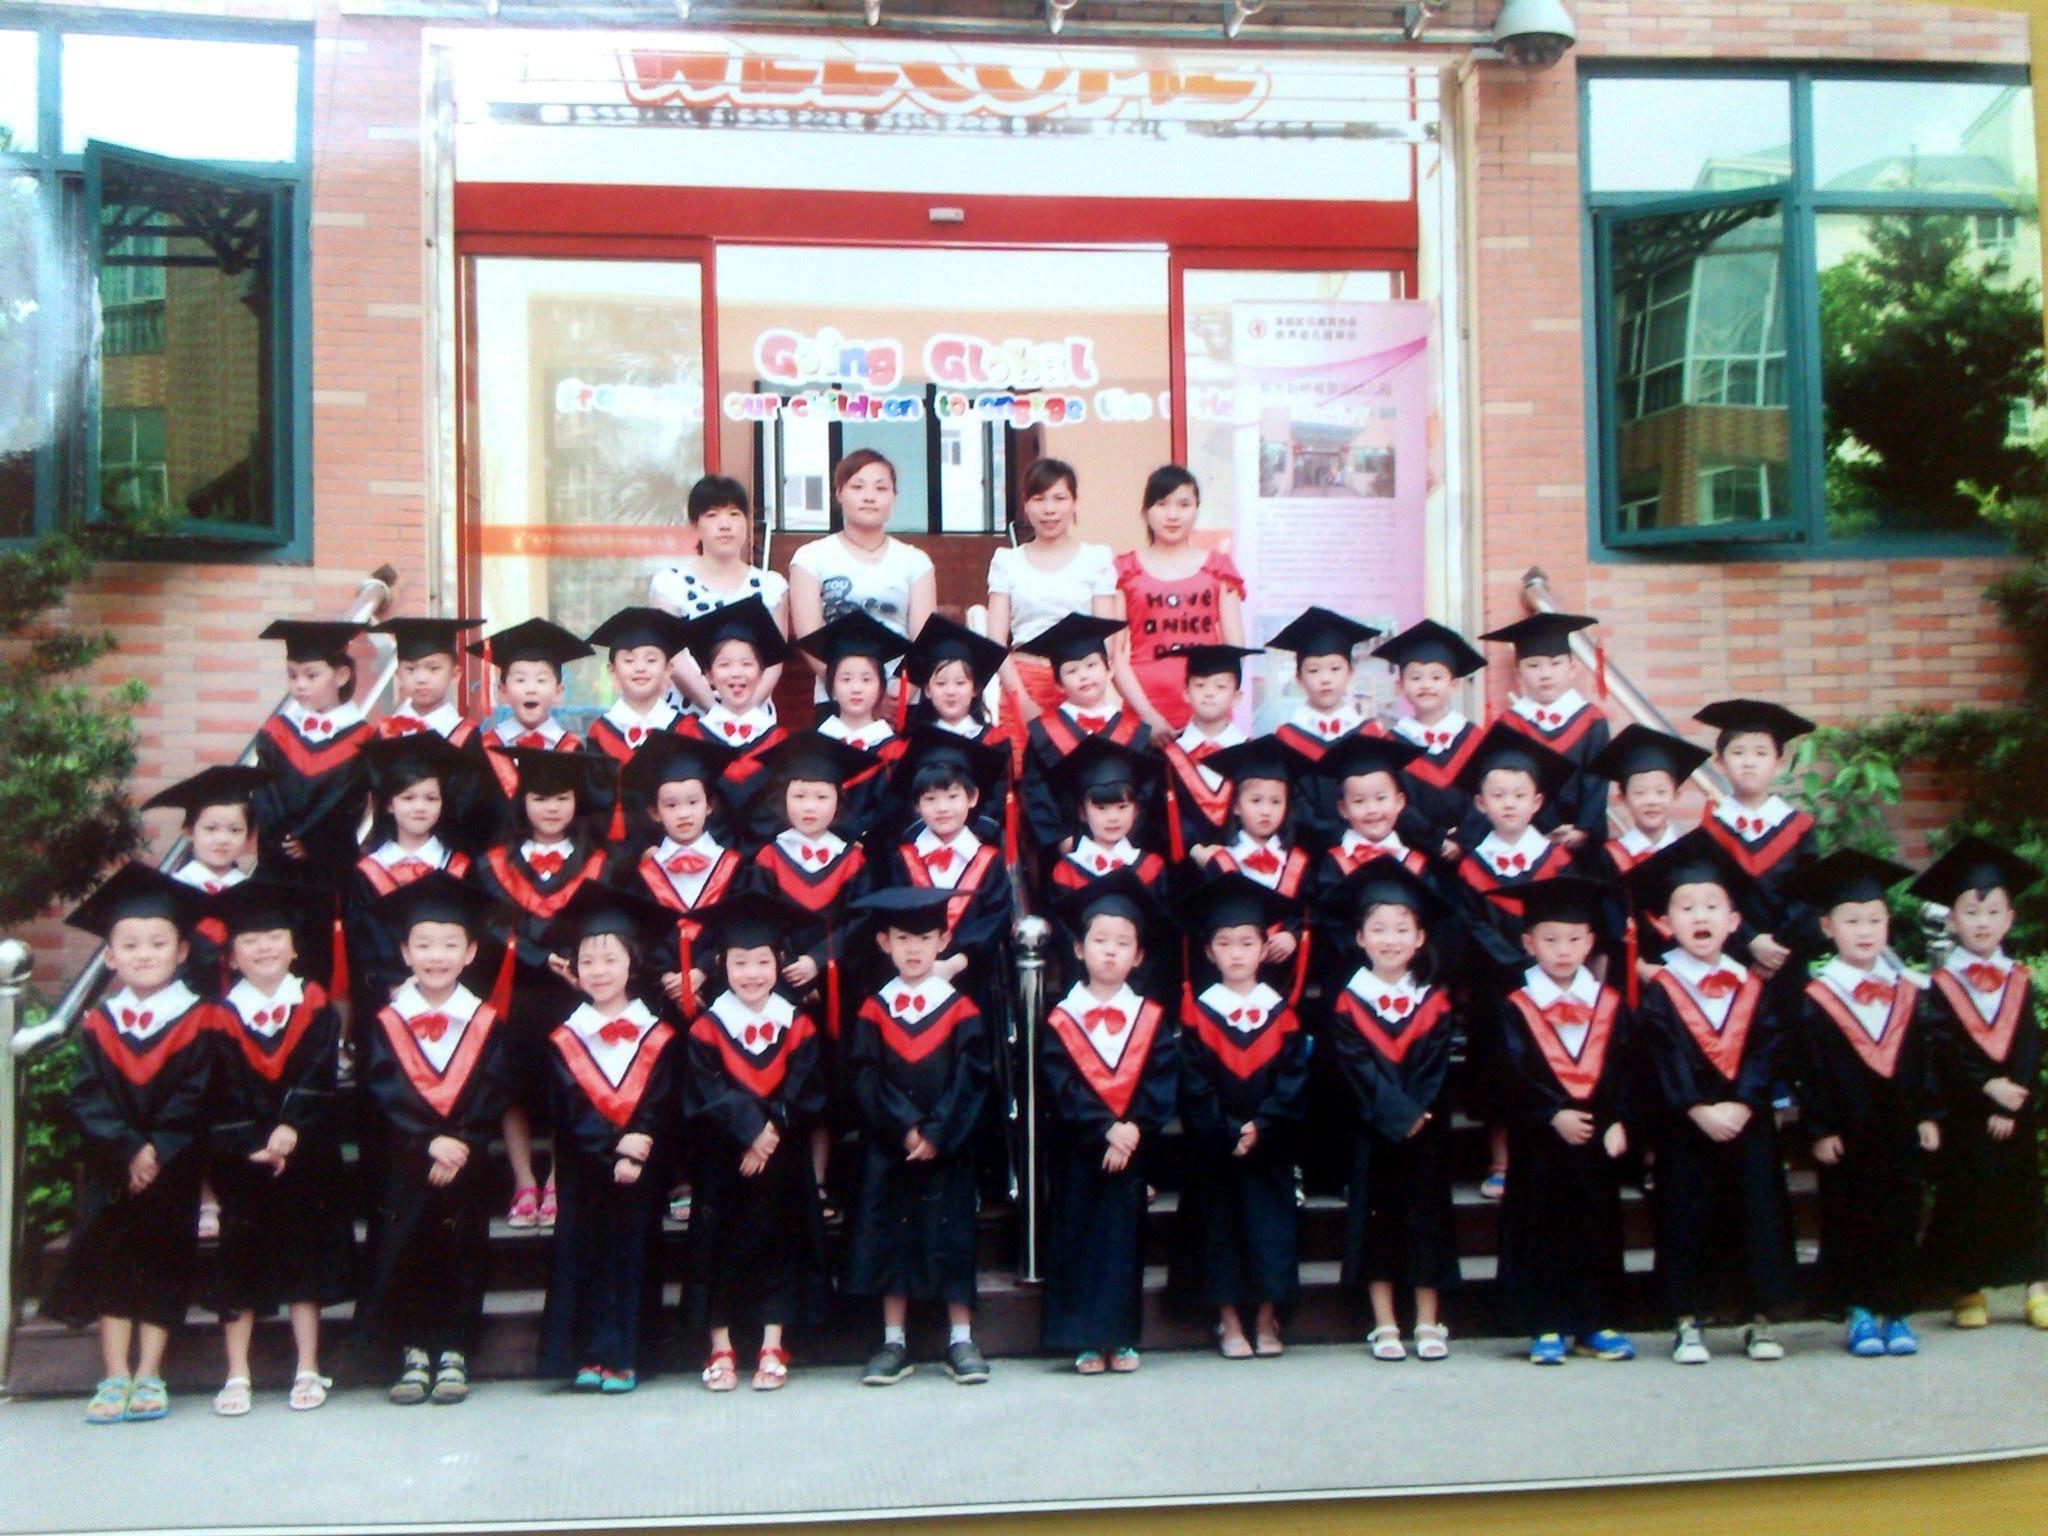 幼儿园毕业典礼和才艺表演